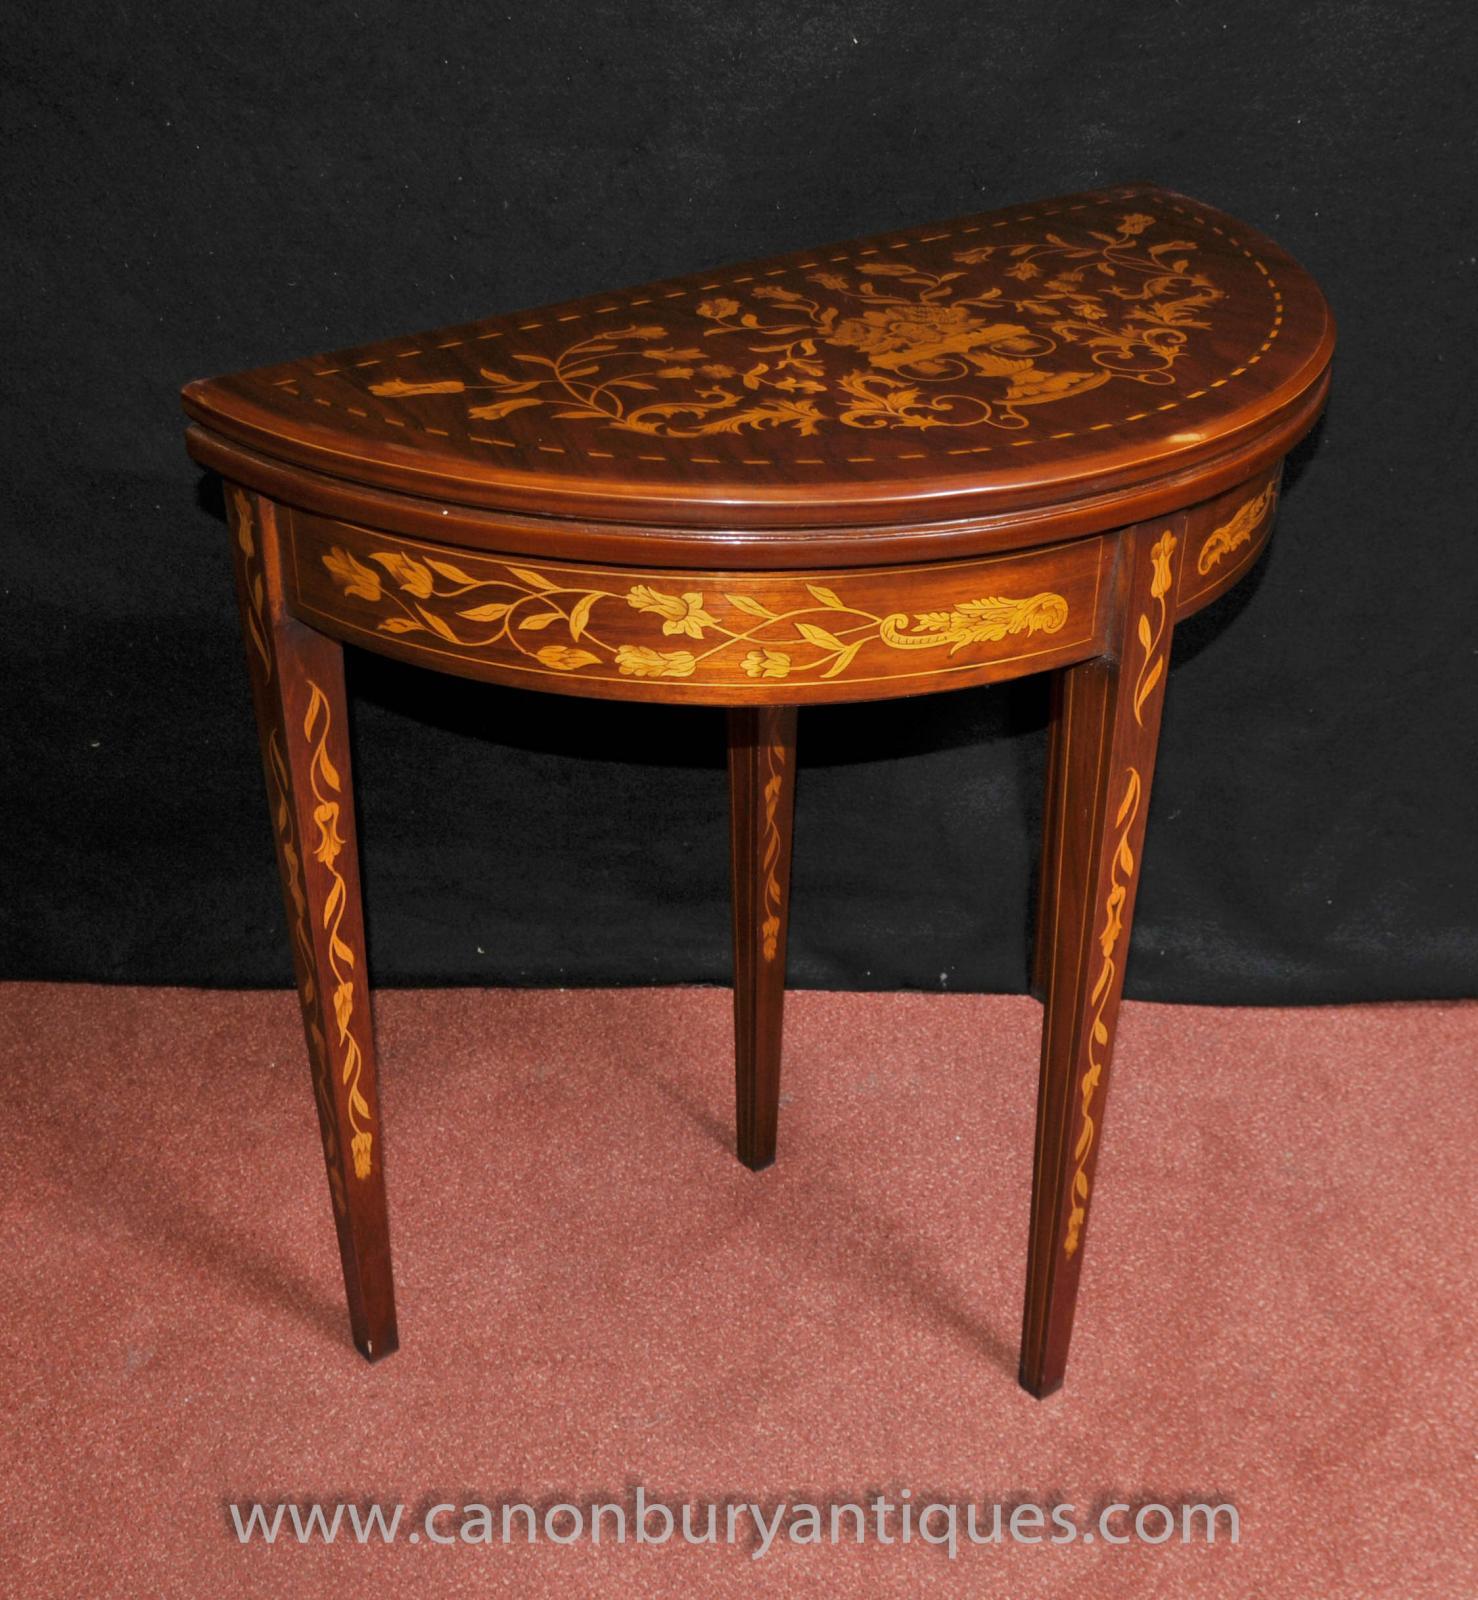 Sheraton card console table demi lune mahogany inlay ebay - Table demi lune murale ...